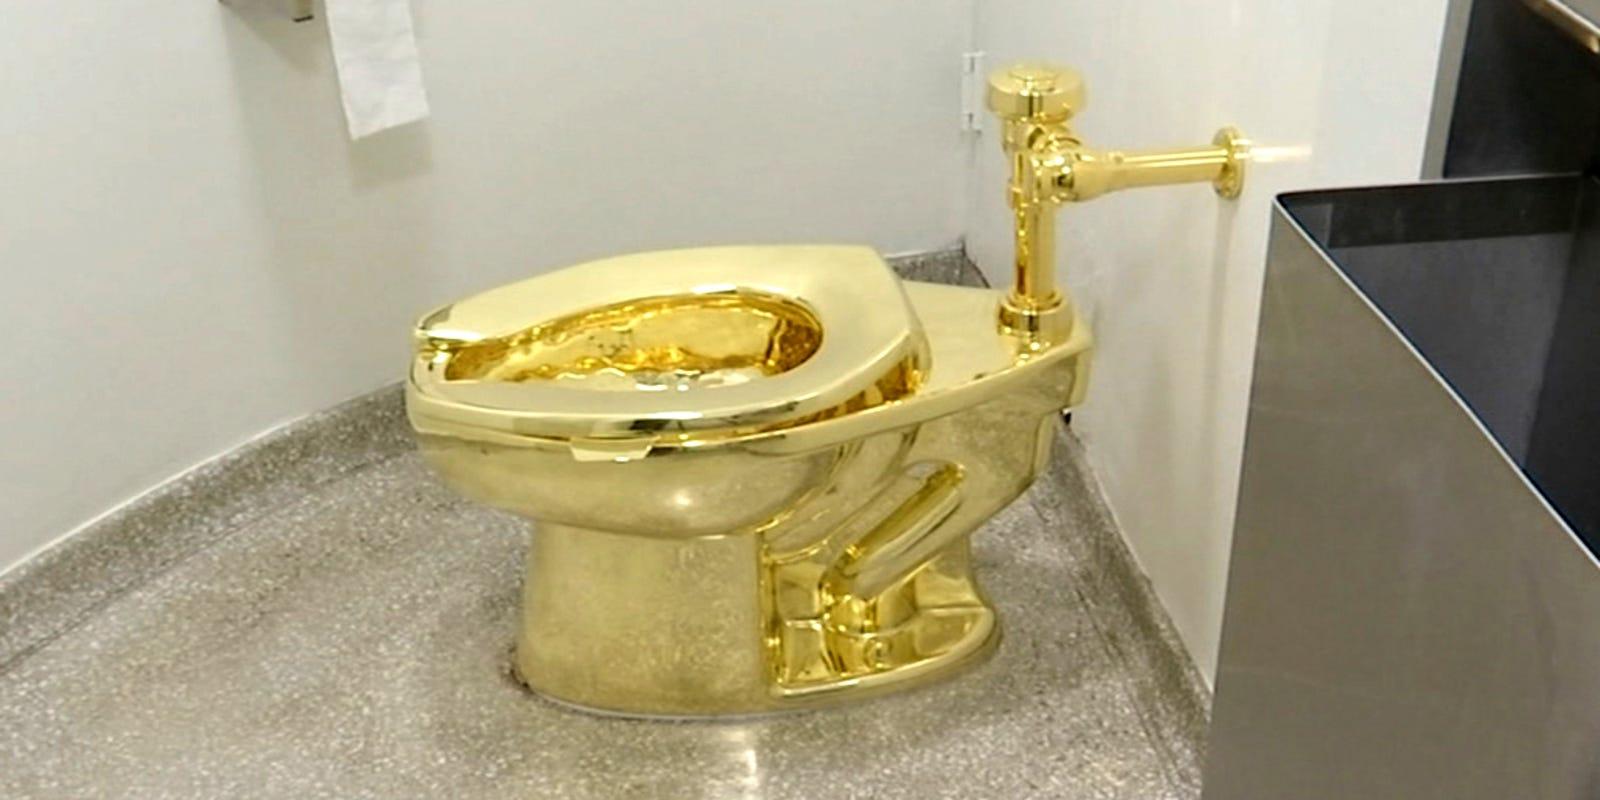 636525584172123285-AP-Trumps-Gold-Toilet